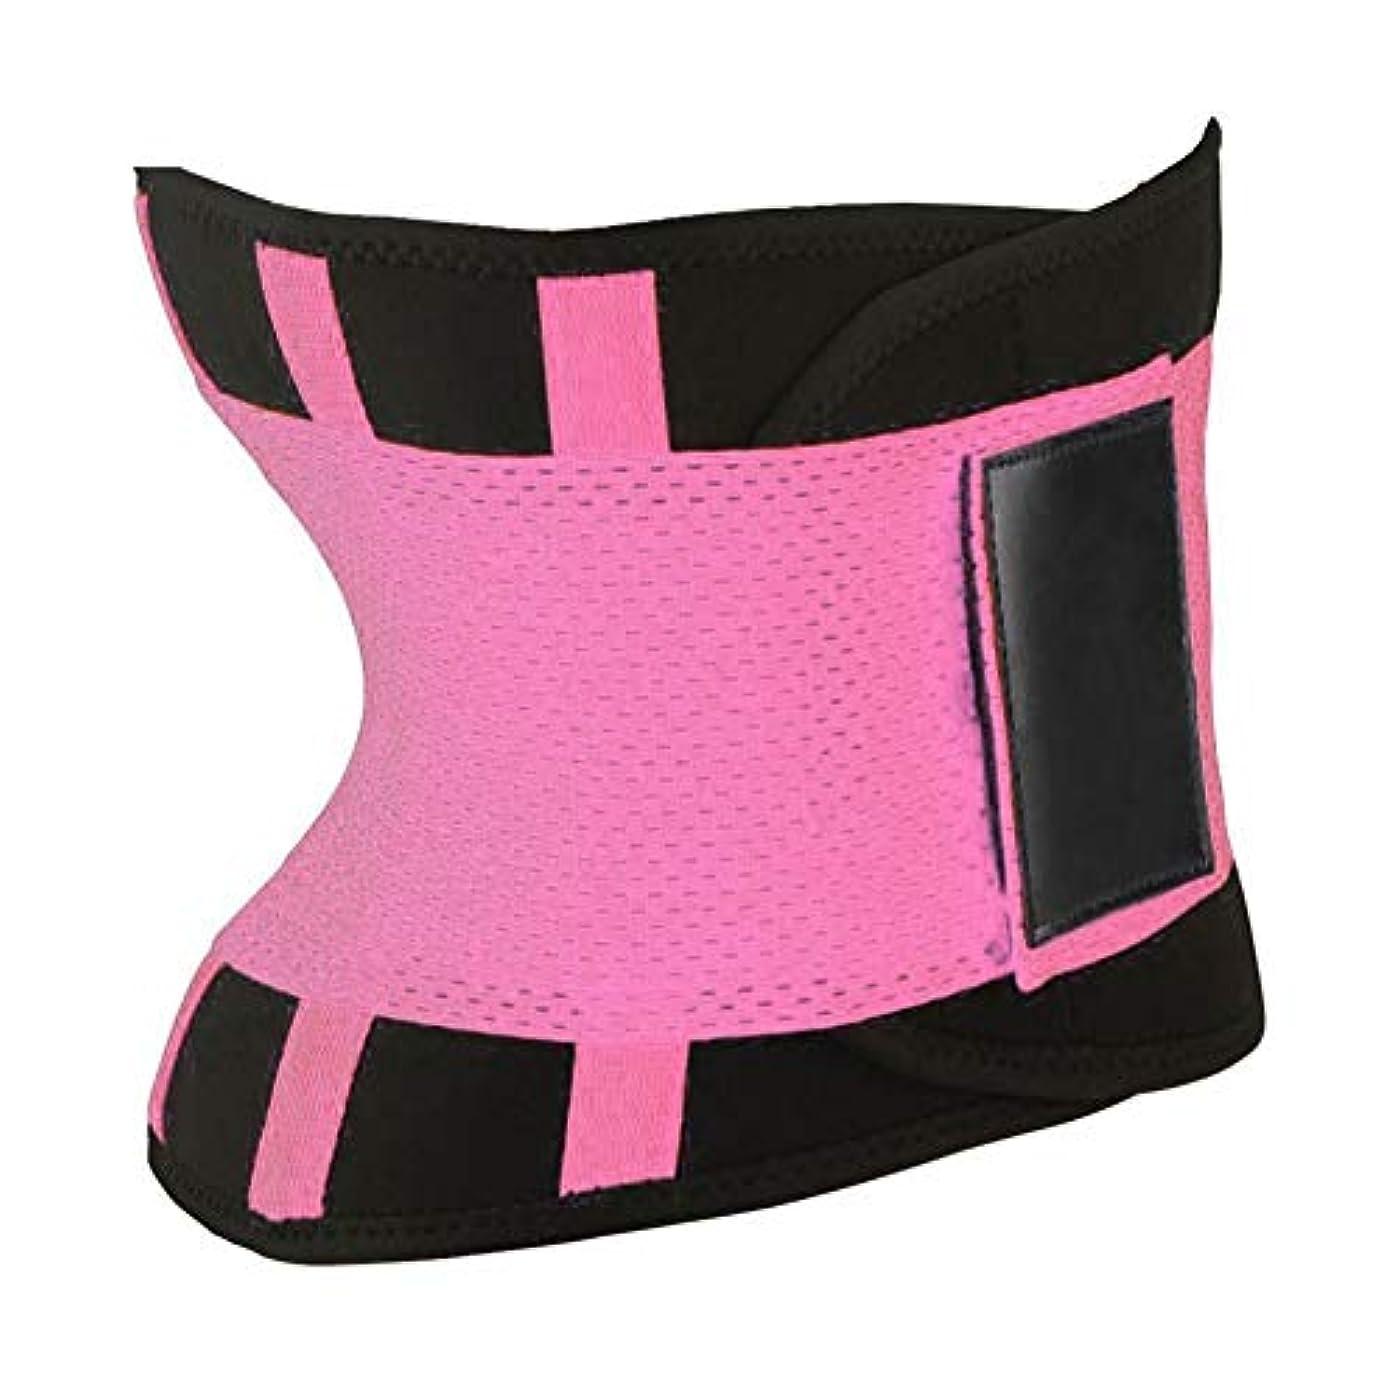 移動する武器弱い快適な女性ボディシェイパー痩身シェイパーベルトスポーツレディースウエストトレーナーニッパーコントロールバーニングボディおなかベルト - ピンクL